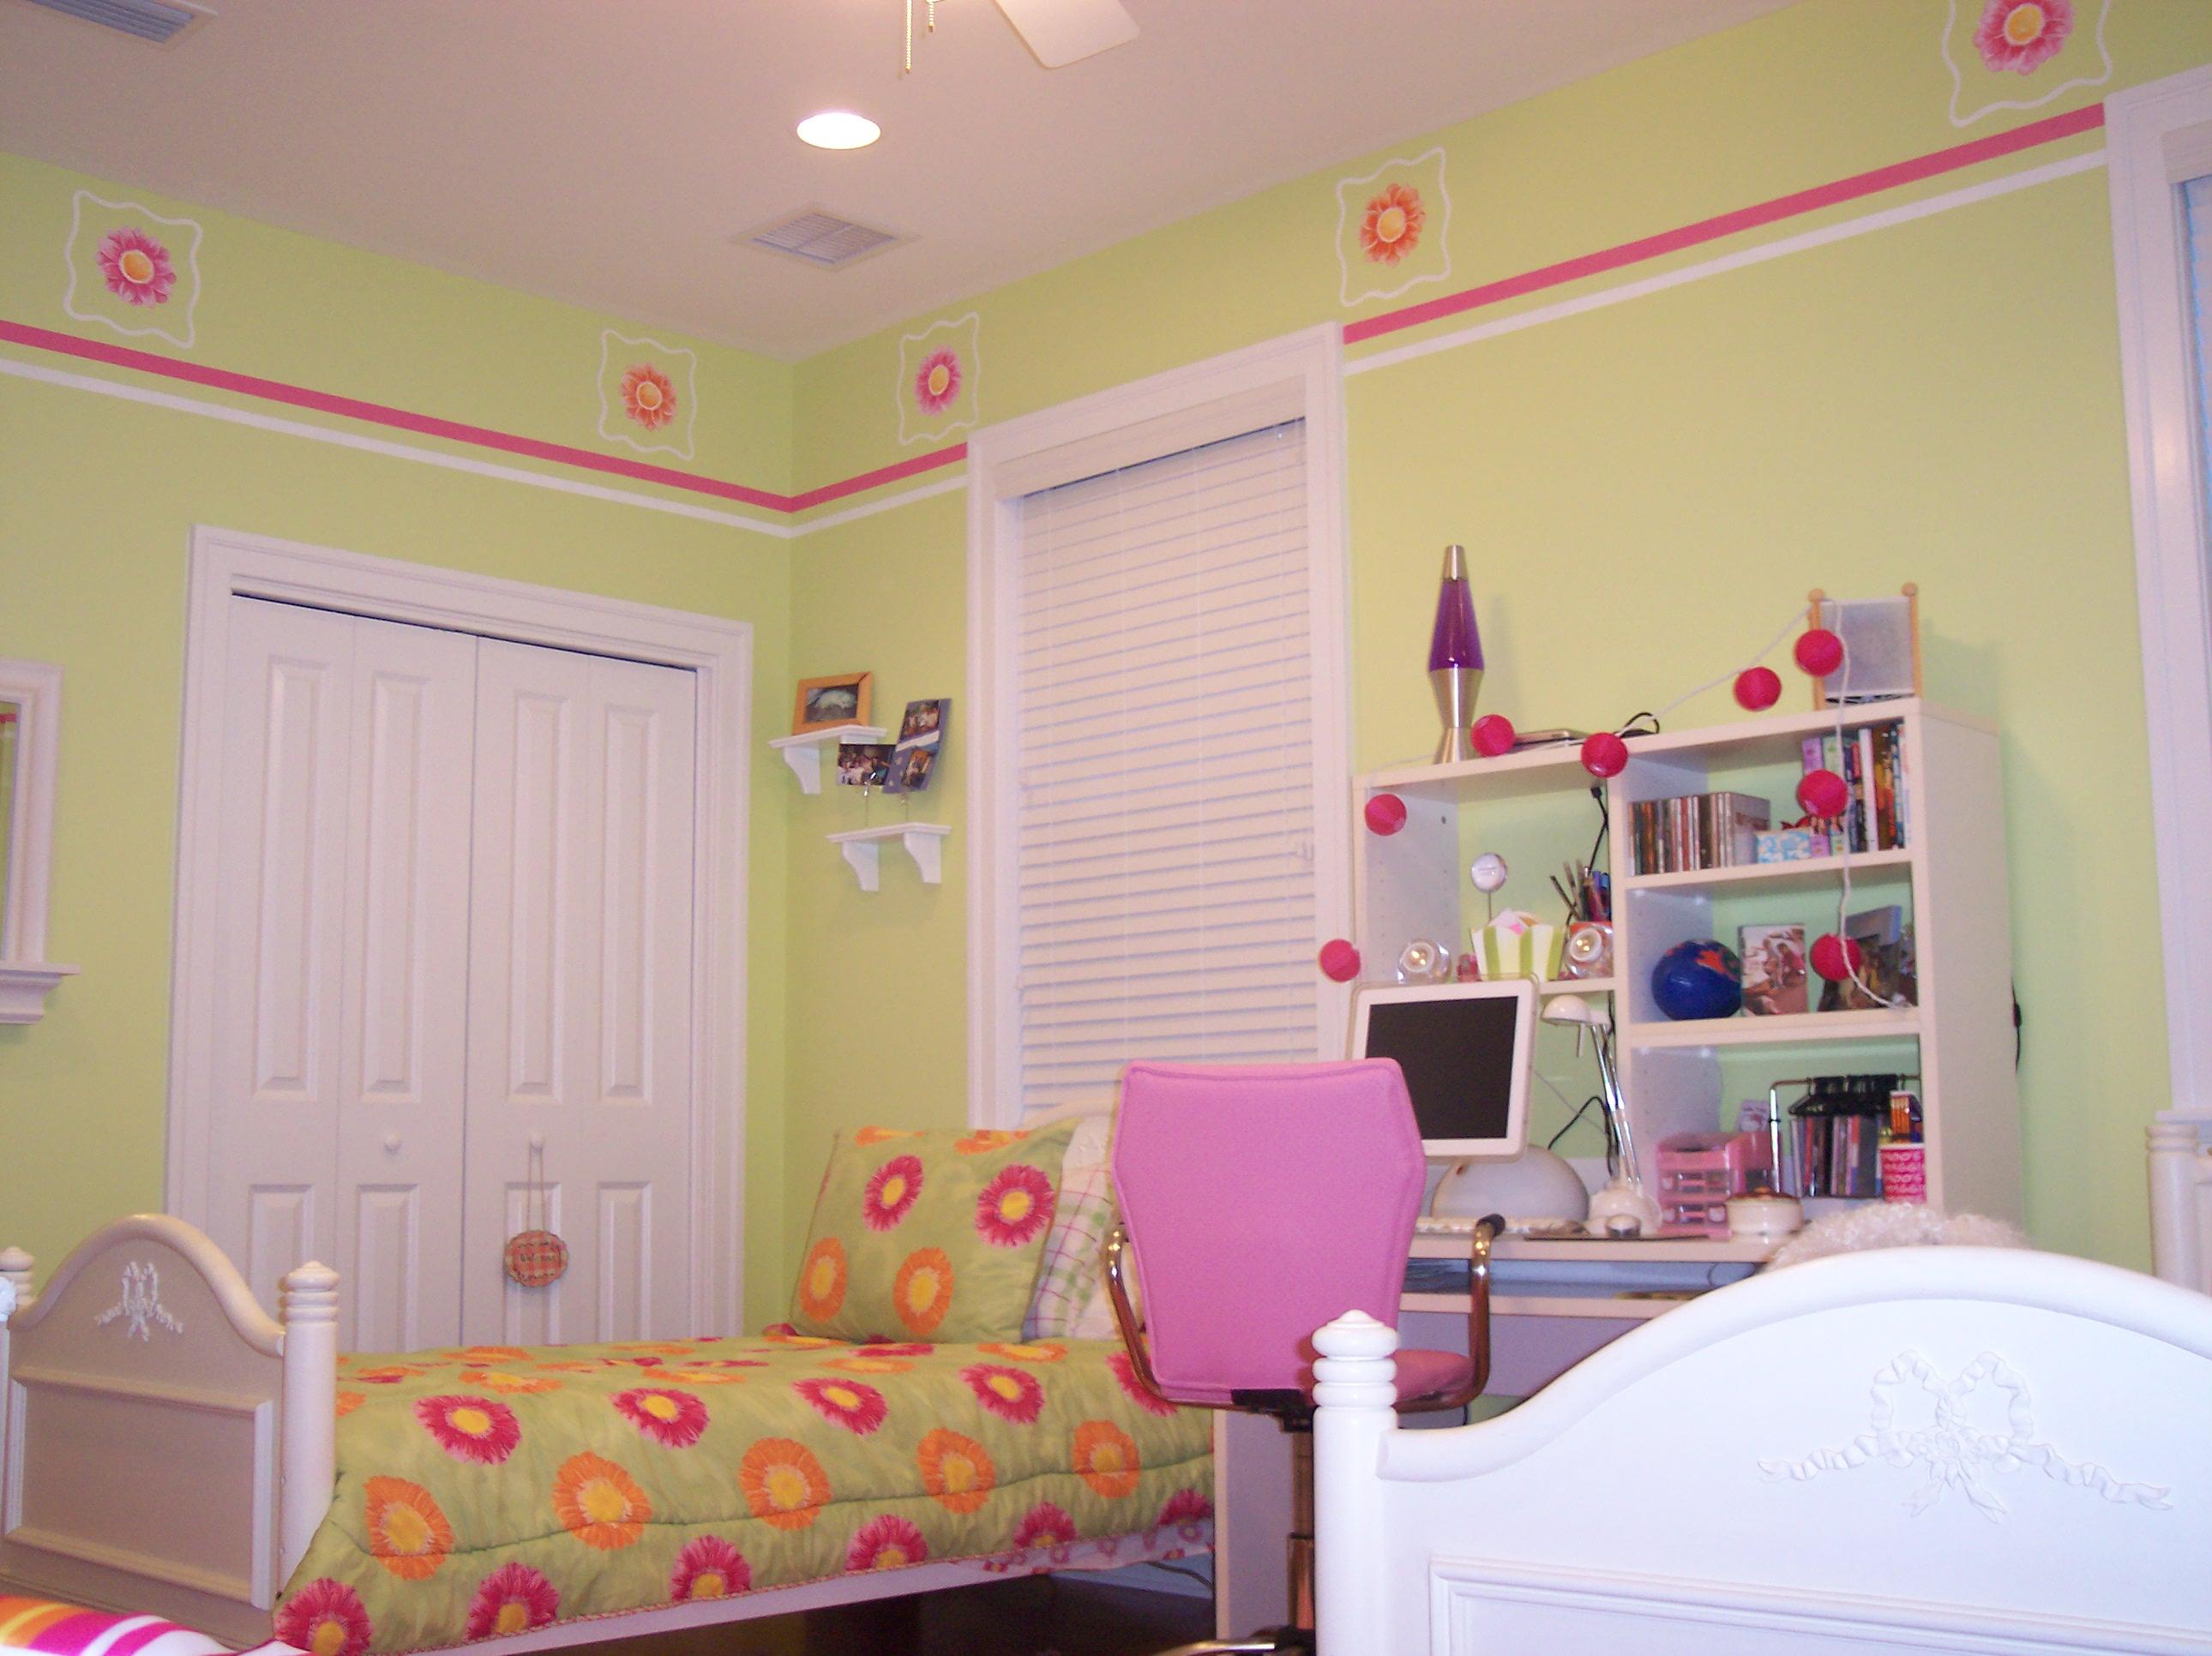 wall bedroom lights photo - 6